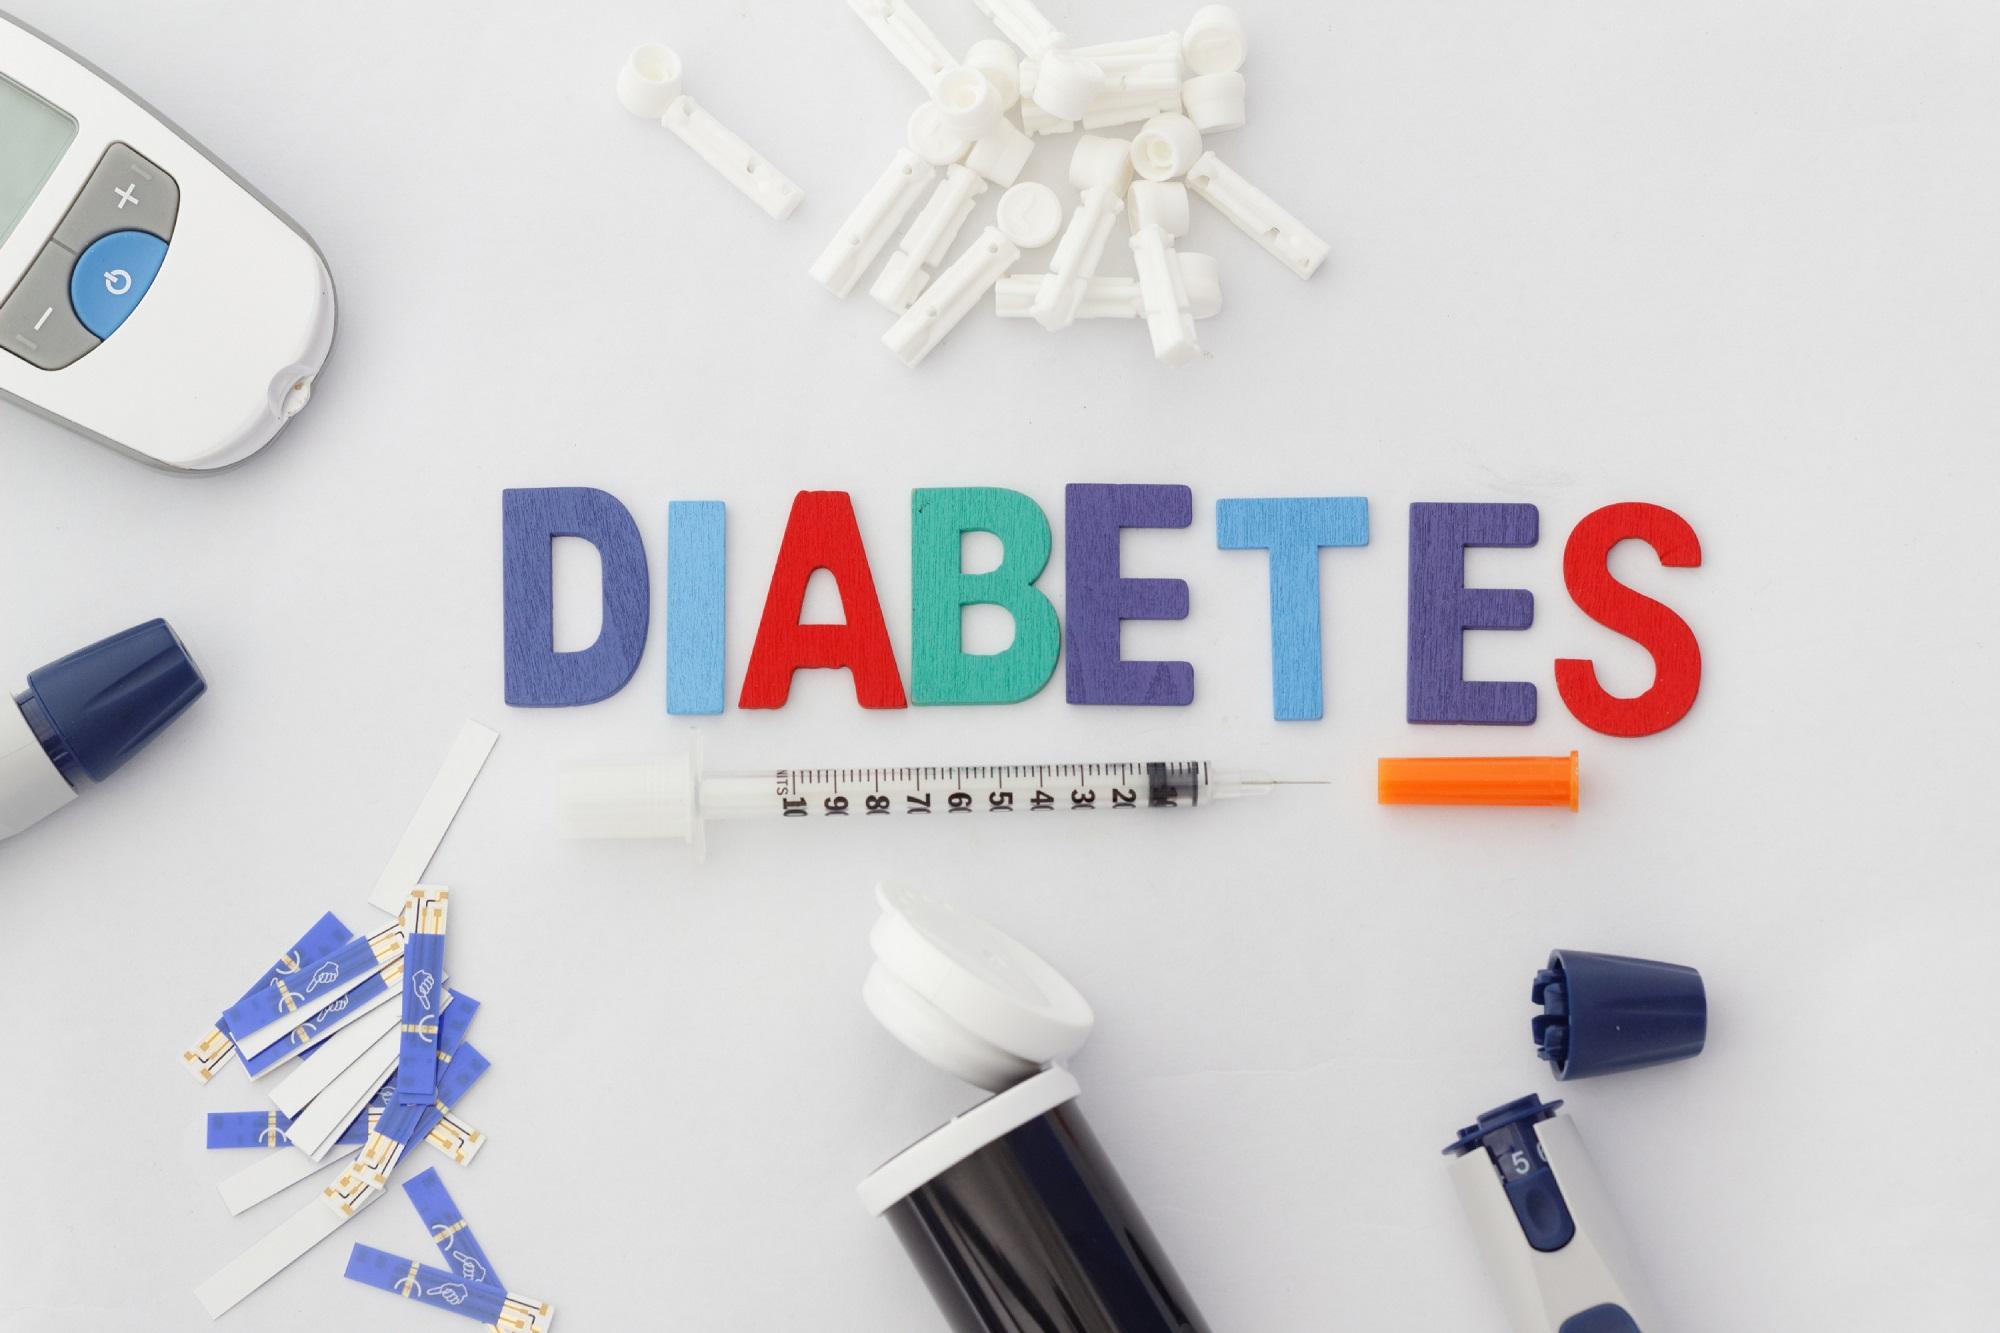 Ζωή υψηλής ποιότητας απολαμβάνουν σήμερα οι ασθενείς με διαβήτη